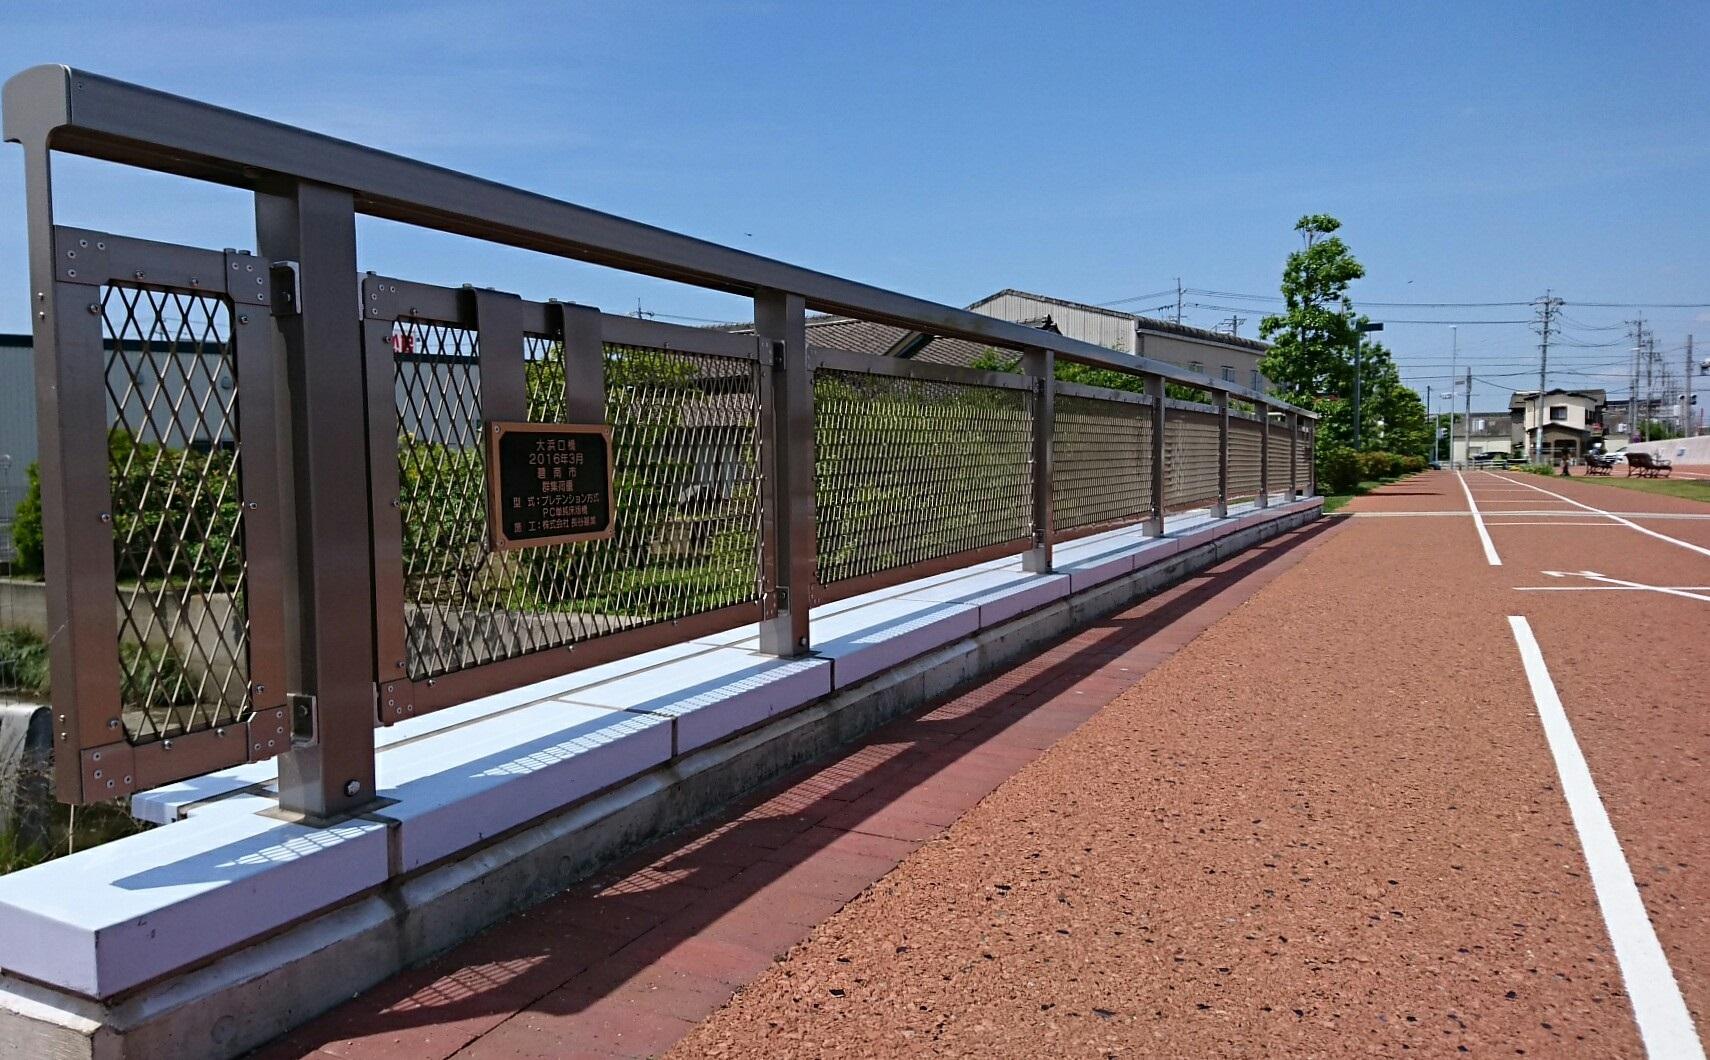 2018.5.20 (26) 碧南レールパーク - 大浜口橋 1710-1060